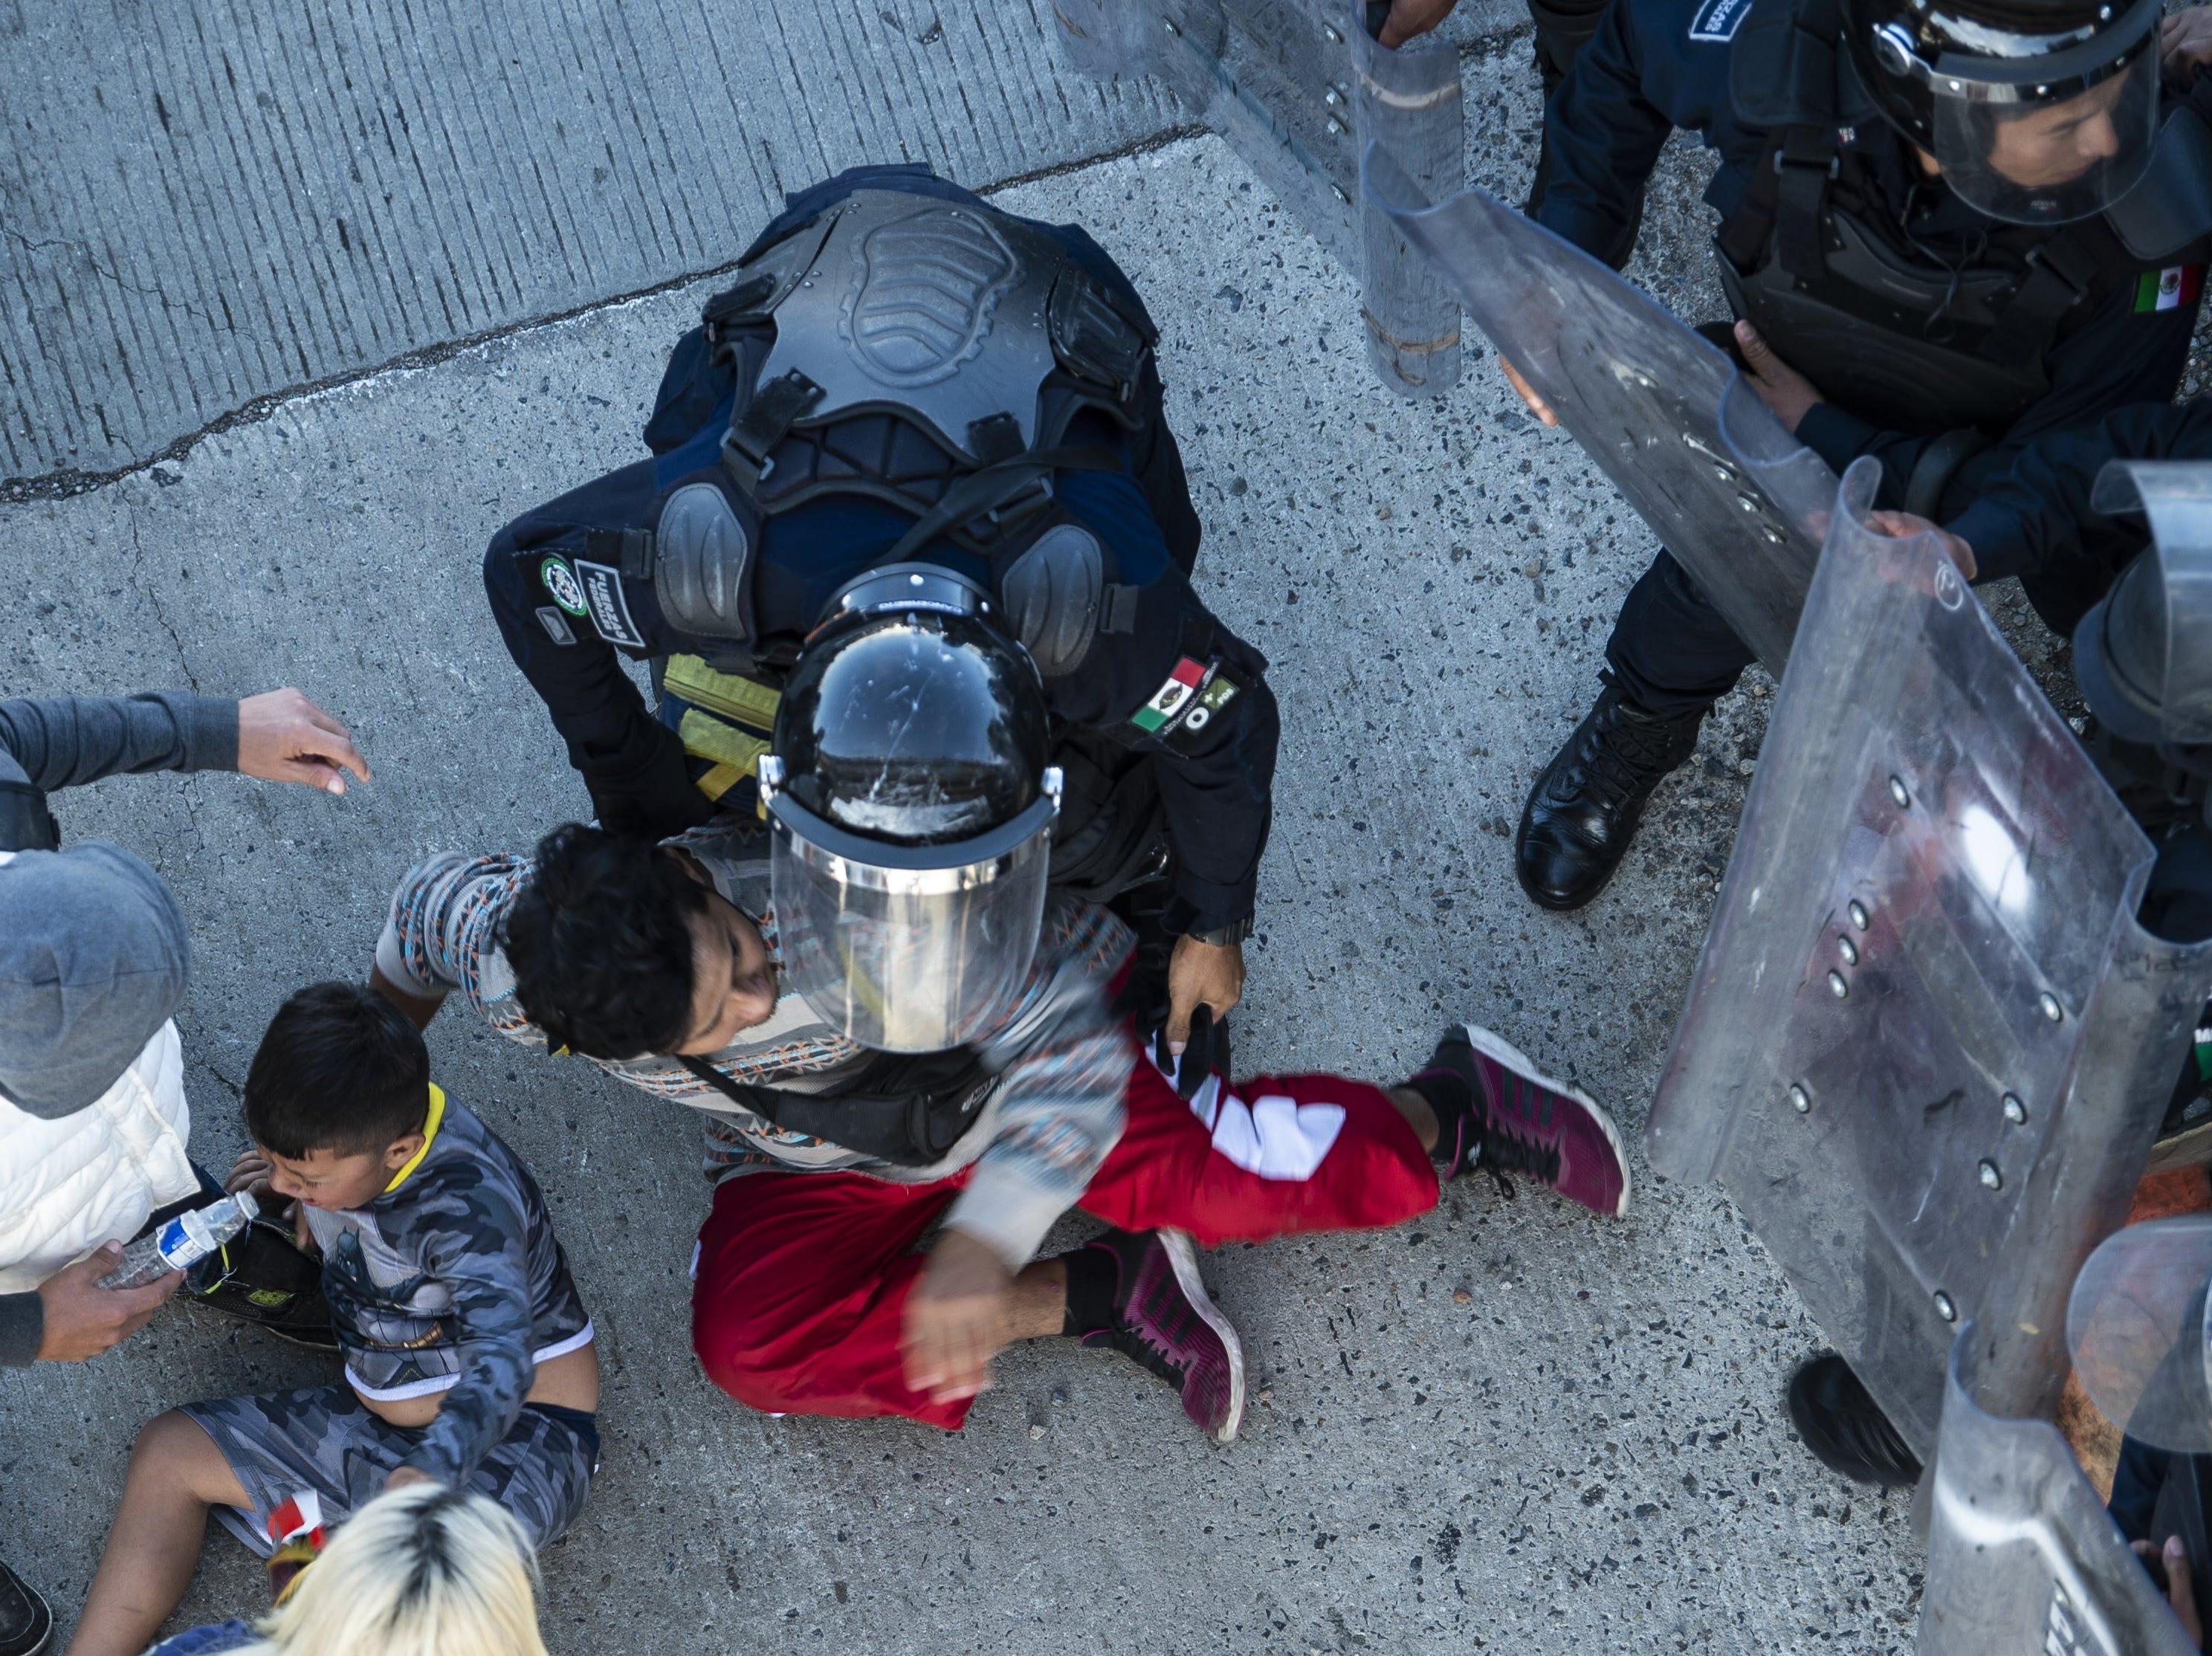 Agentes de la policía mexicana detienen a los migrantes centroamericanos cuando llegan al cruce fronterizo de El Chaparral, en Tijuana, estado de Baja California, México, el 25 de noviembre de 2018 al intentar cruzar la frontera hacia Estados Unidos.